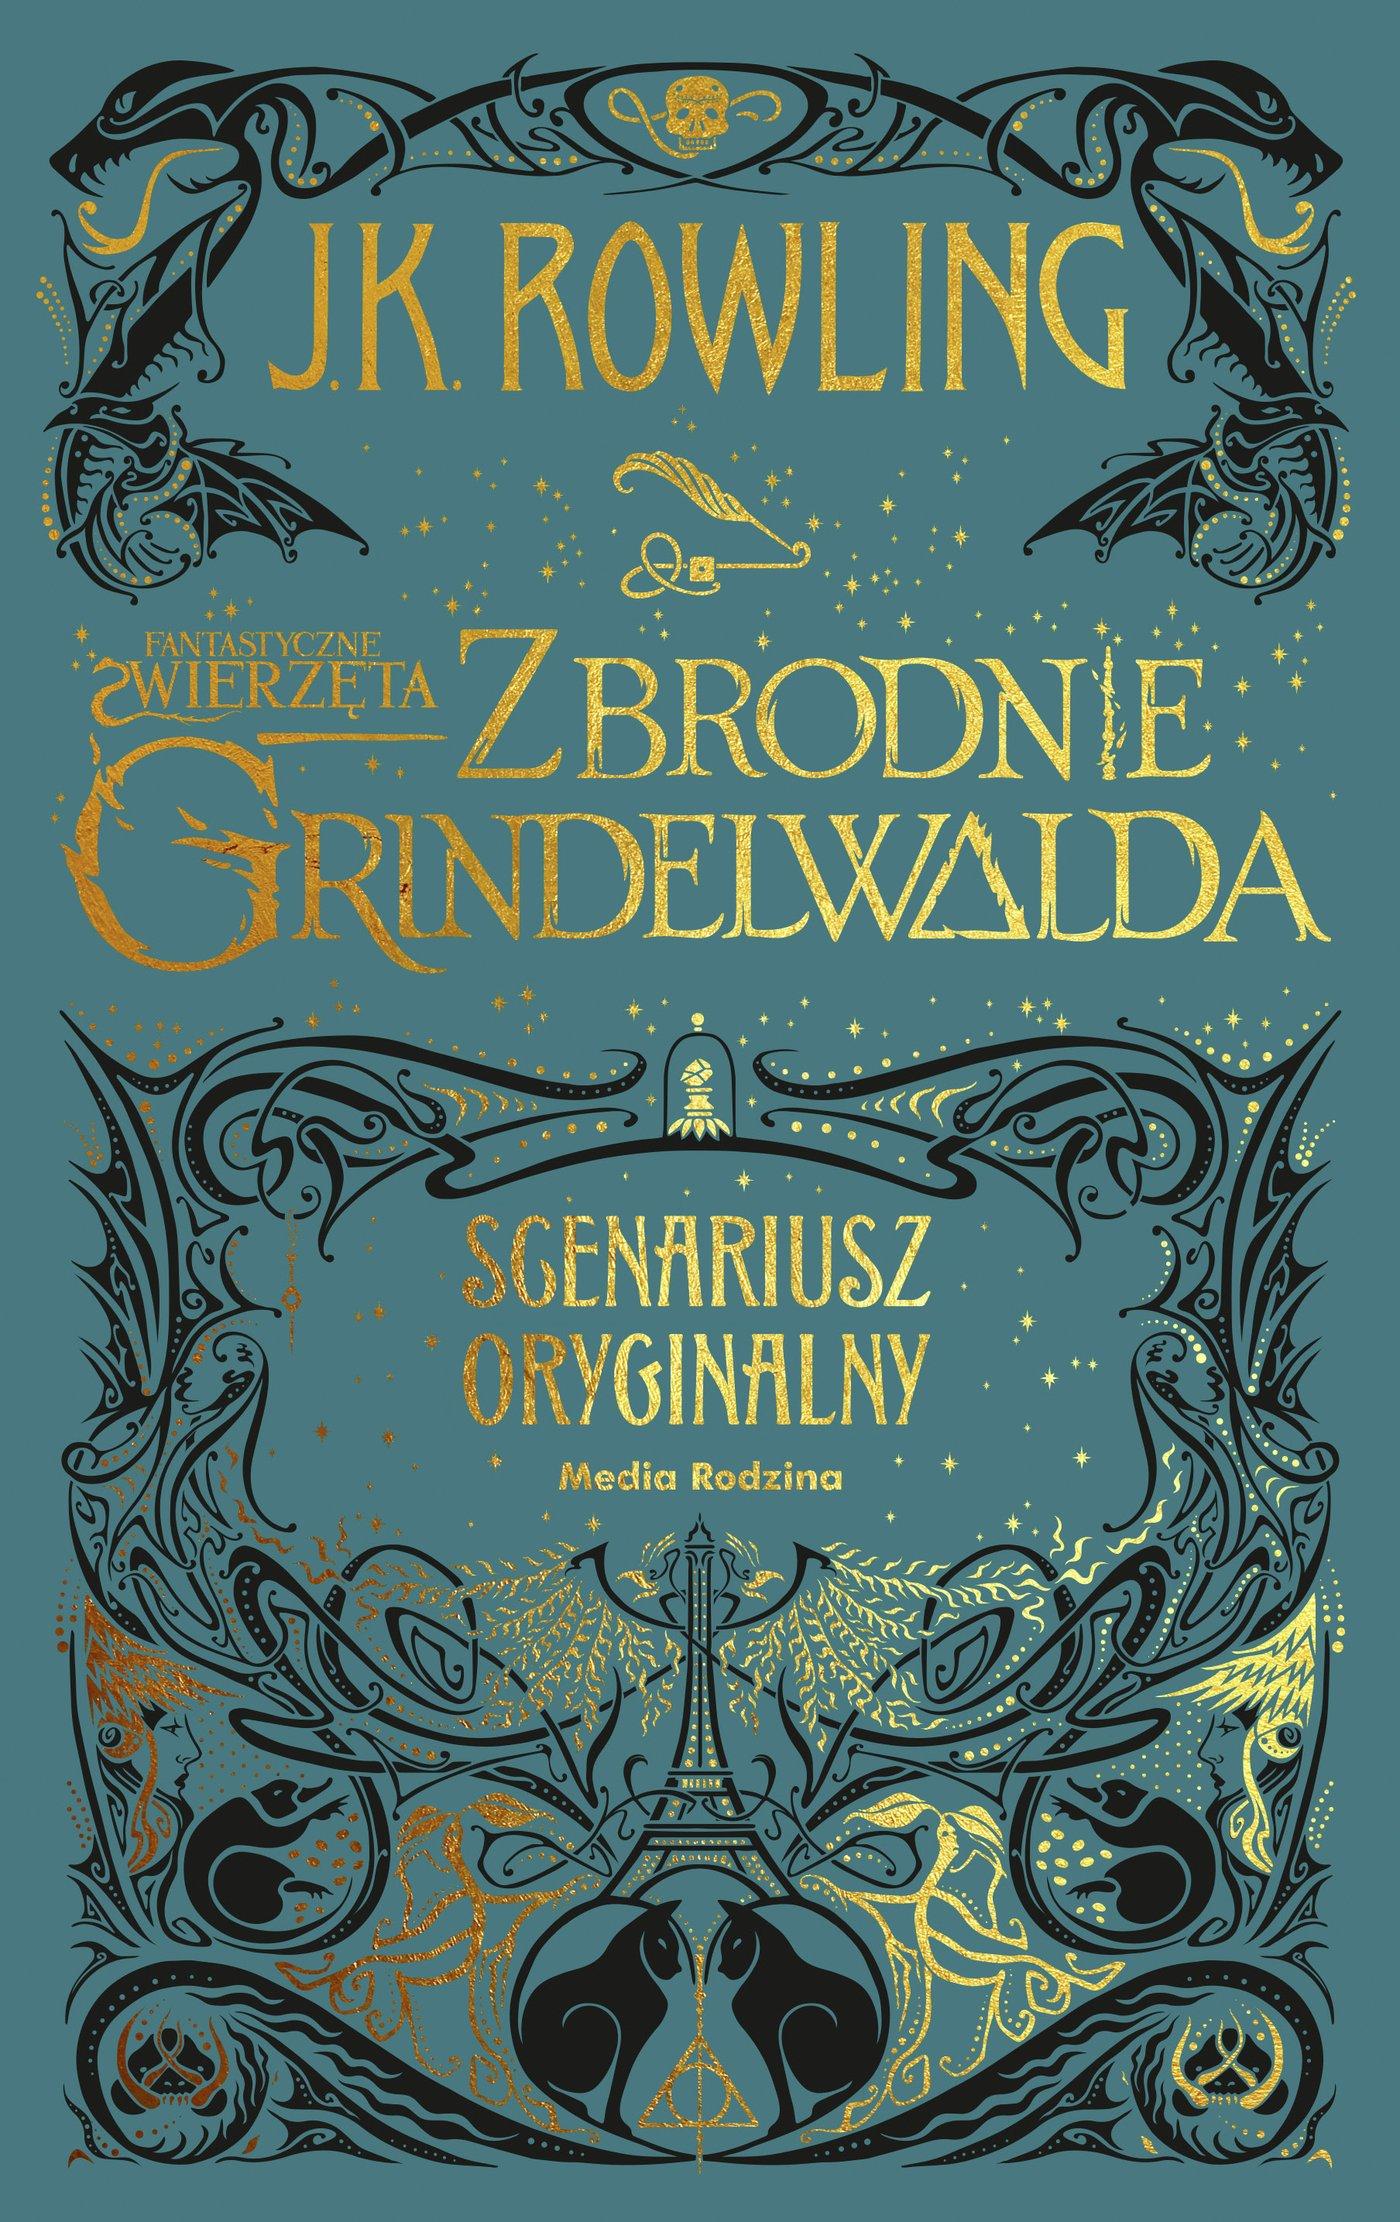 Fantastyczne zwierzęta. Zbrodnie Grindelwalda - Ebook (Książka EPUB) do pobrania w formacie EPUB